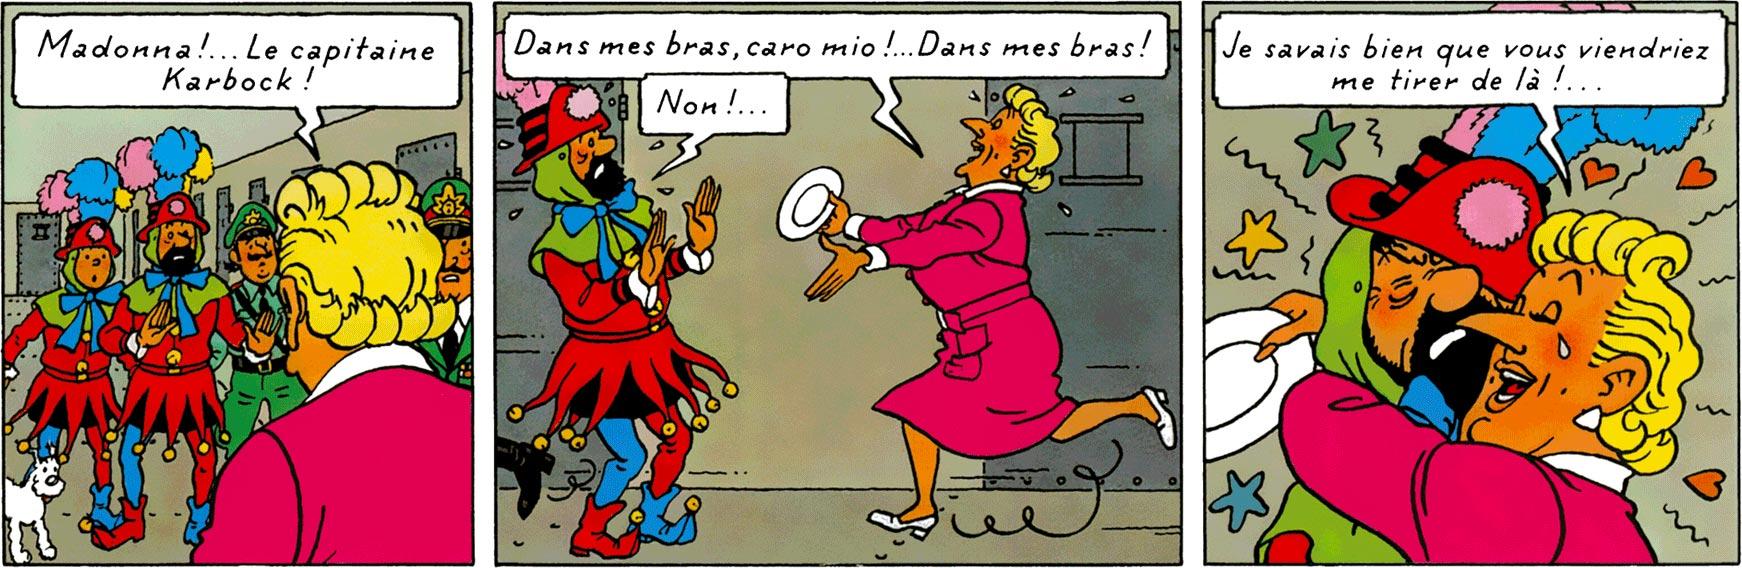 La Castafiore saute sur Haddock dans Tintin et les Picaros